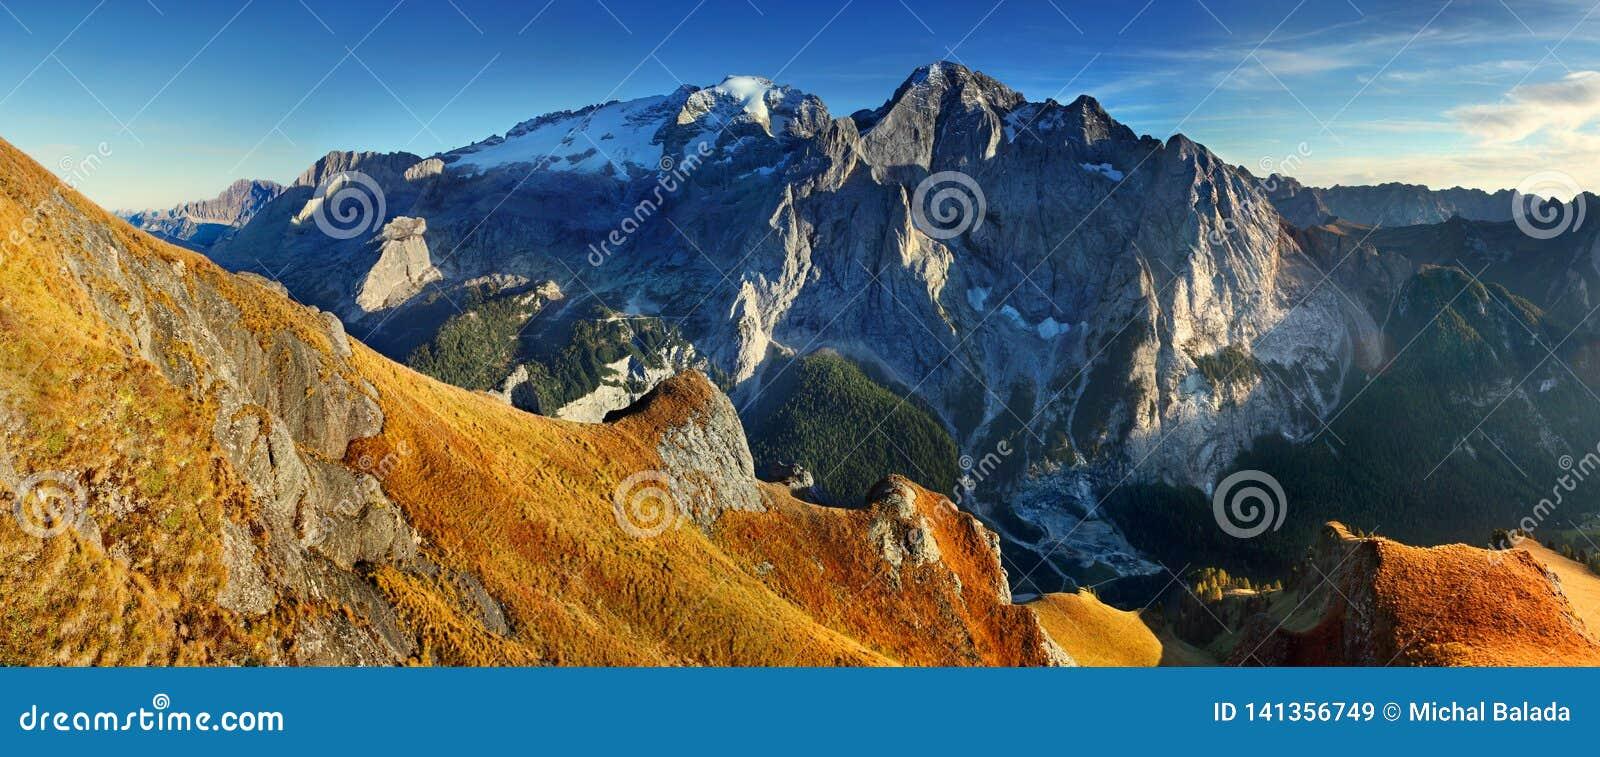 Κορυφογραμμή βουνών Marmolada Περιοχή Trentino Alto Adige, νότιο Τύρολο, Βένετο, Ιταλία Άλπεις δολομίτη, διάσημος προορισμός ταξι